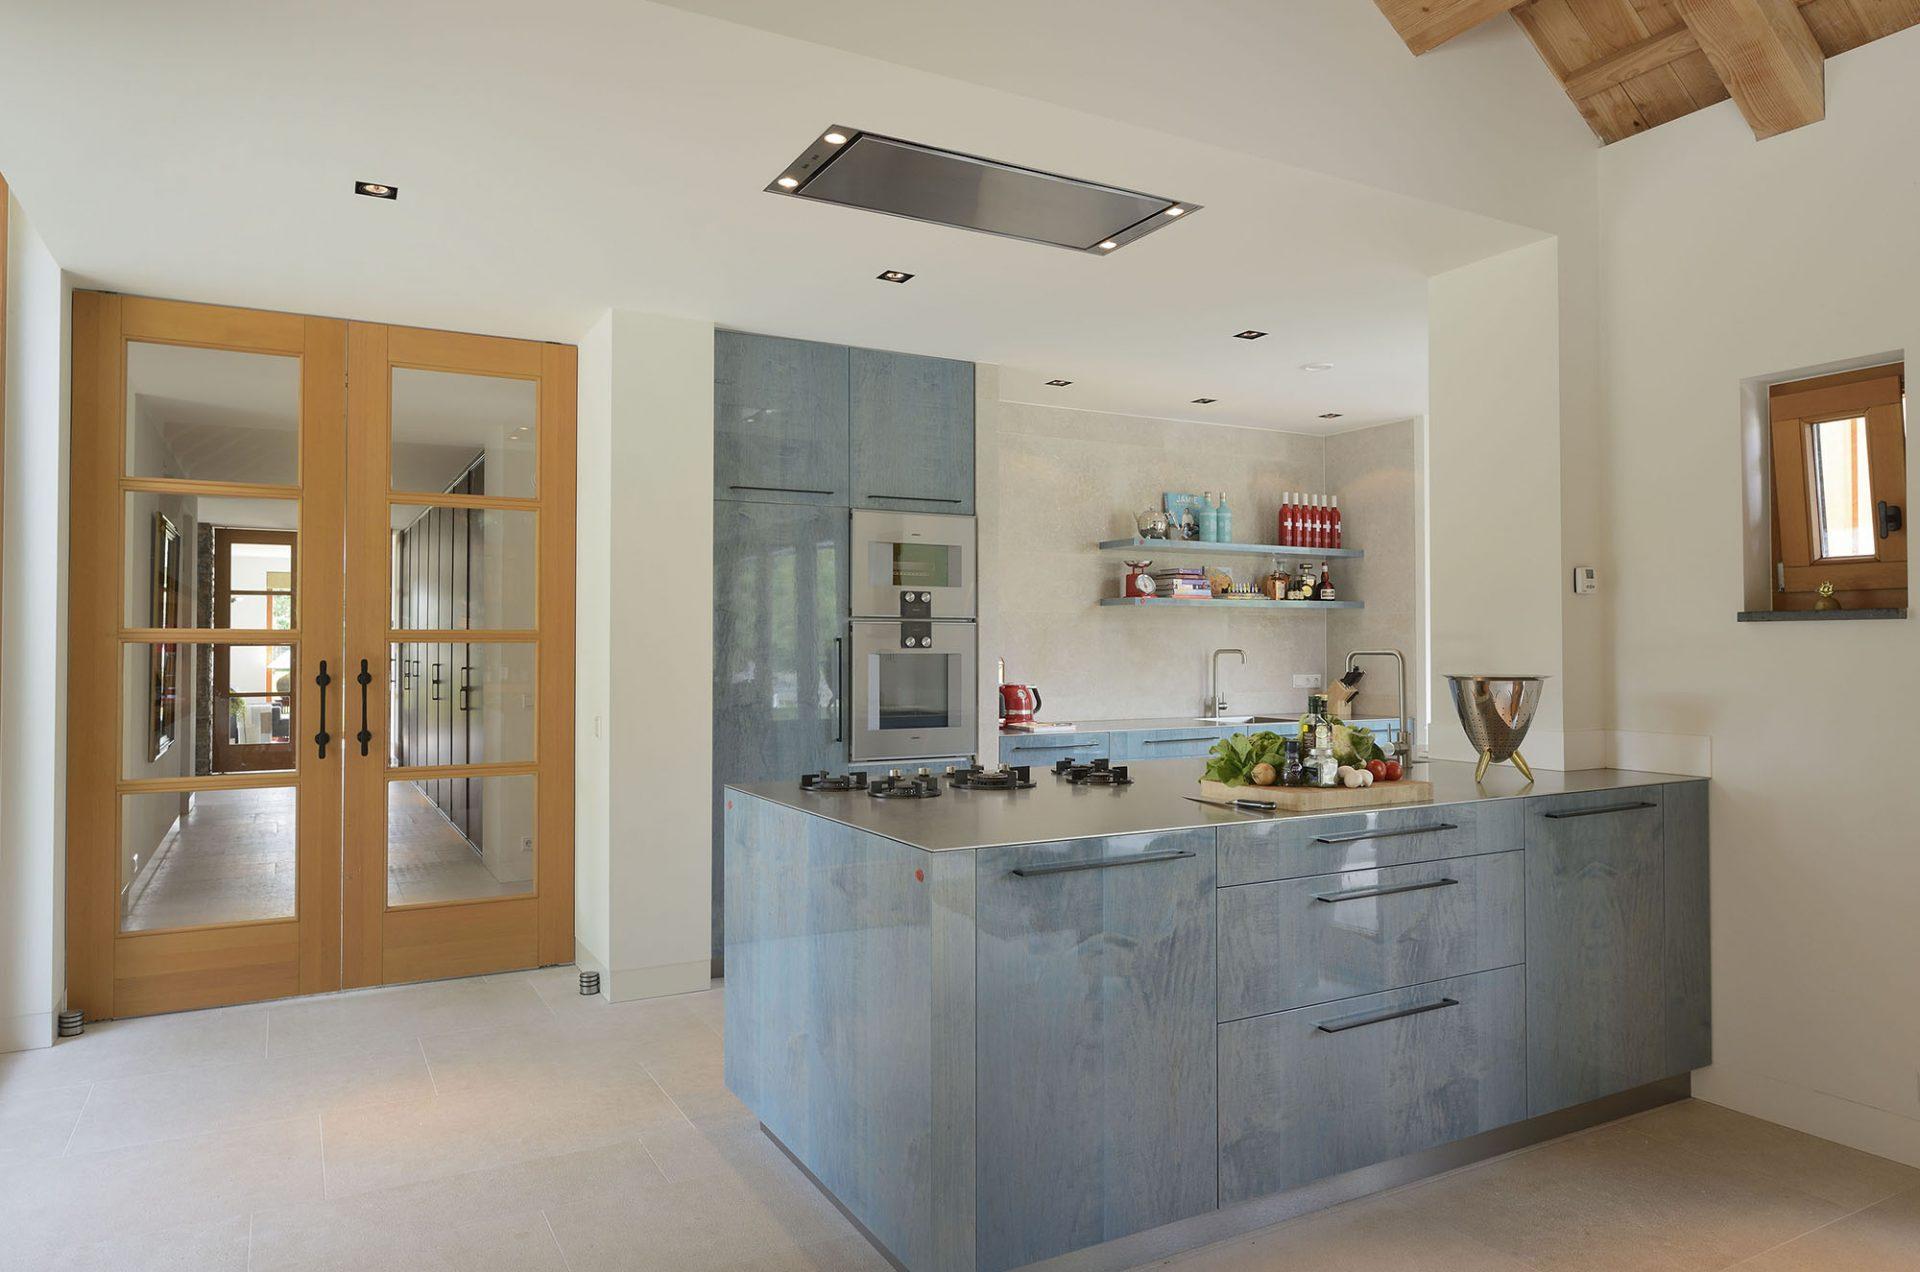 Nr 1 exclusieve keukens op maat emyko residential interior design